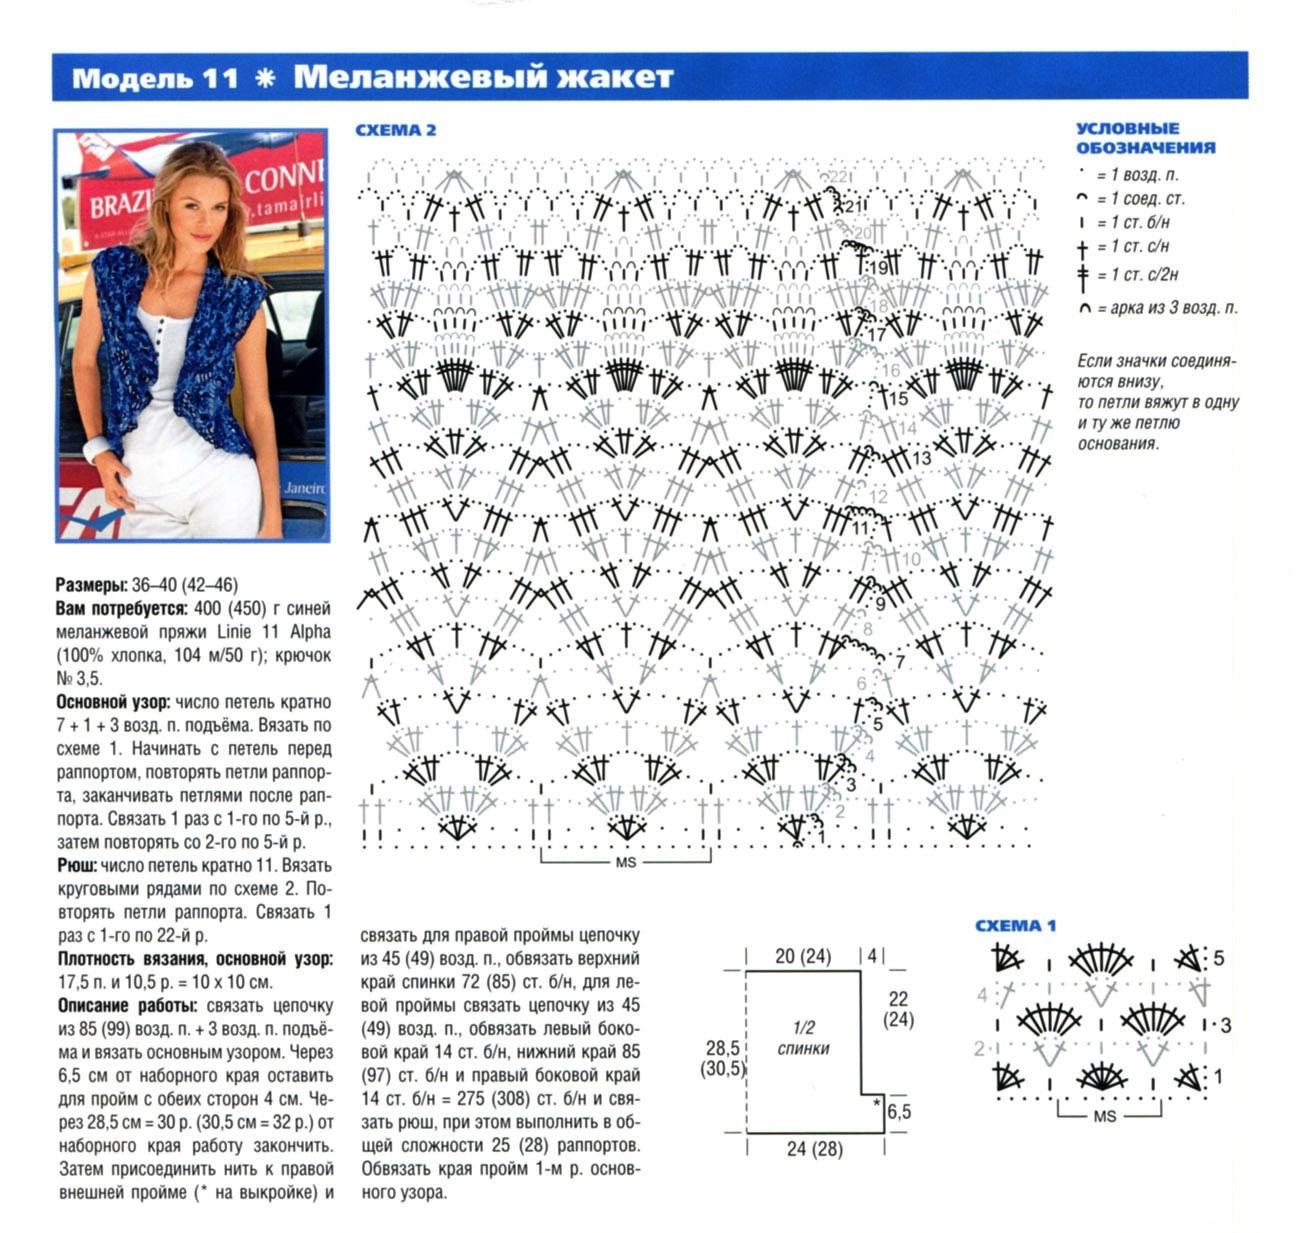 Cхемы и описание вязания болеро крючком для женщины 22